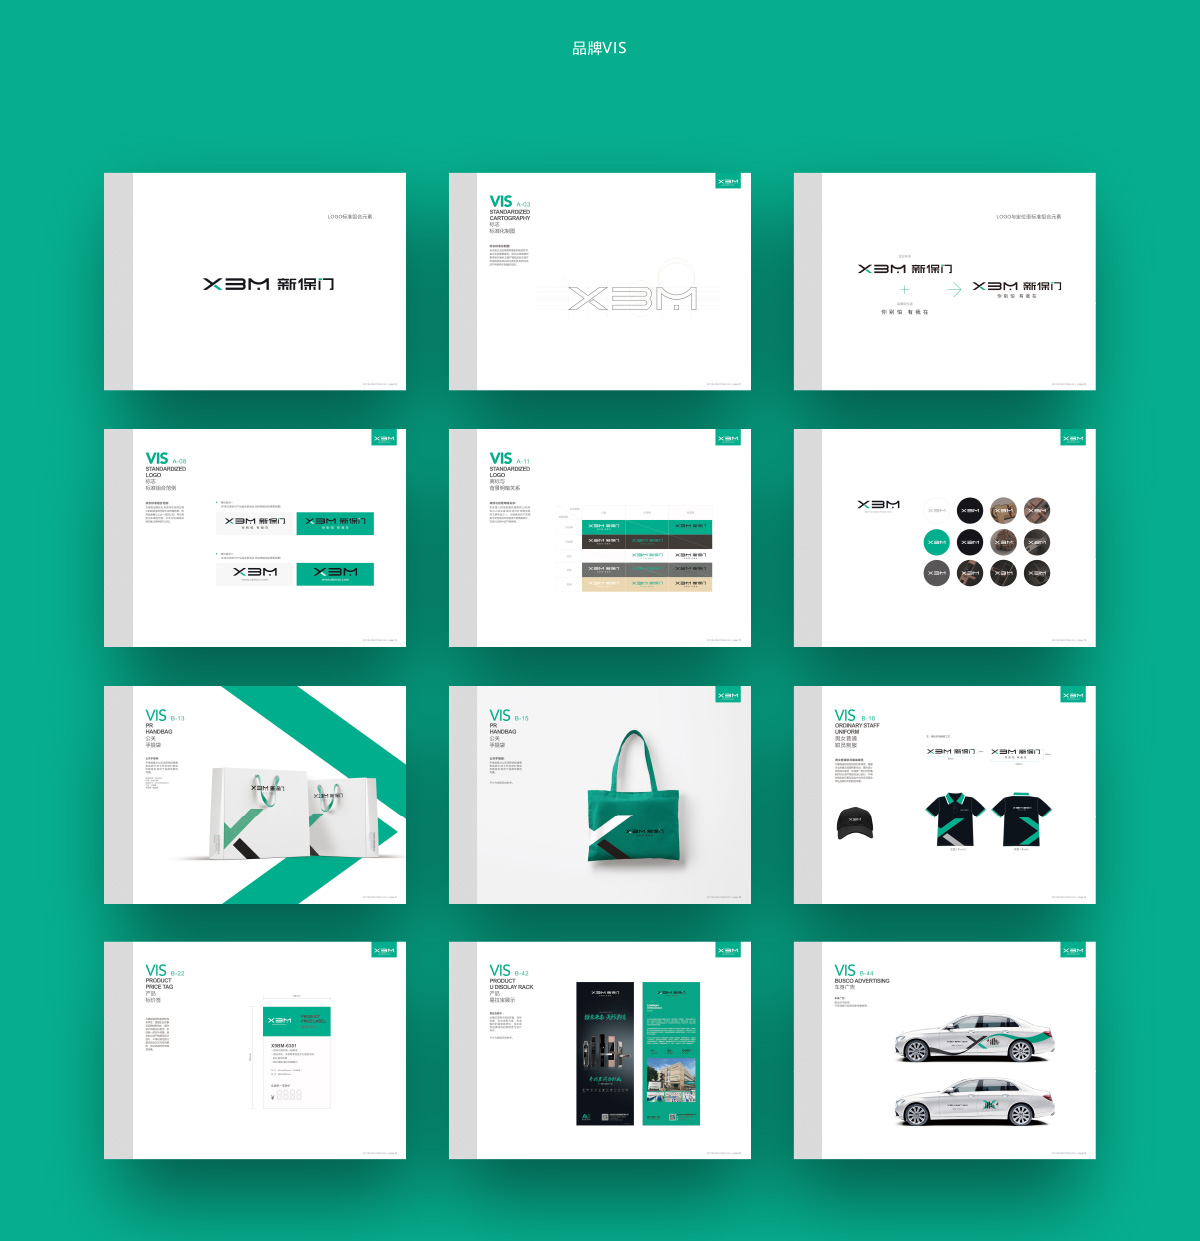 新保门品牌形象设计/包装设计/宣传画册设计/VI设计11